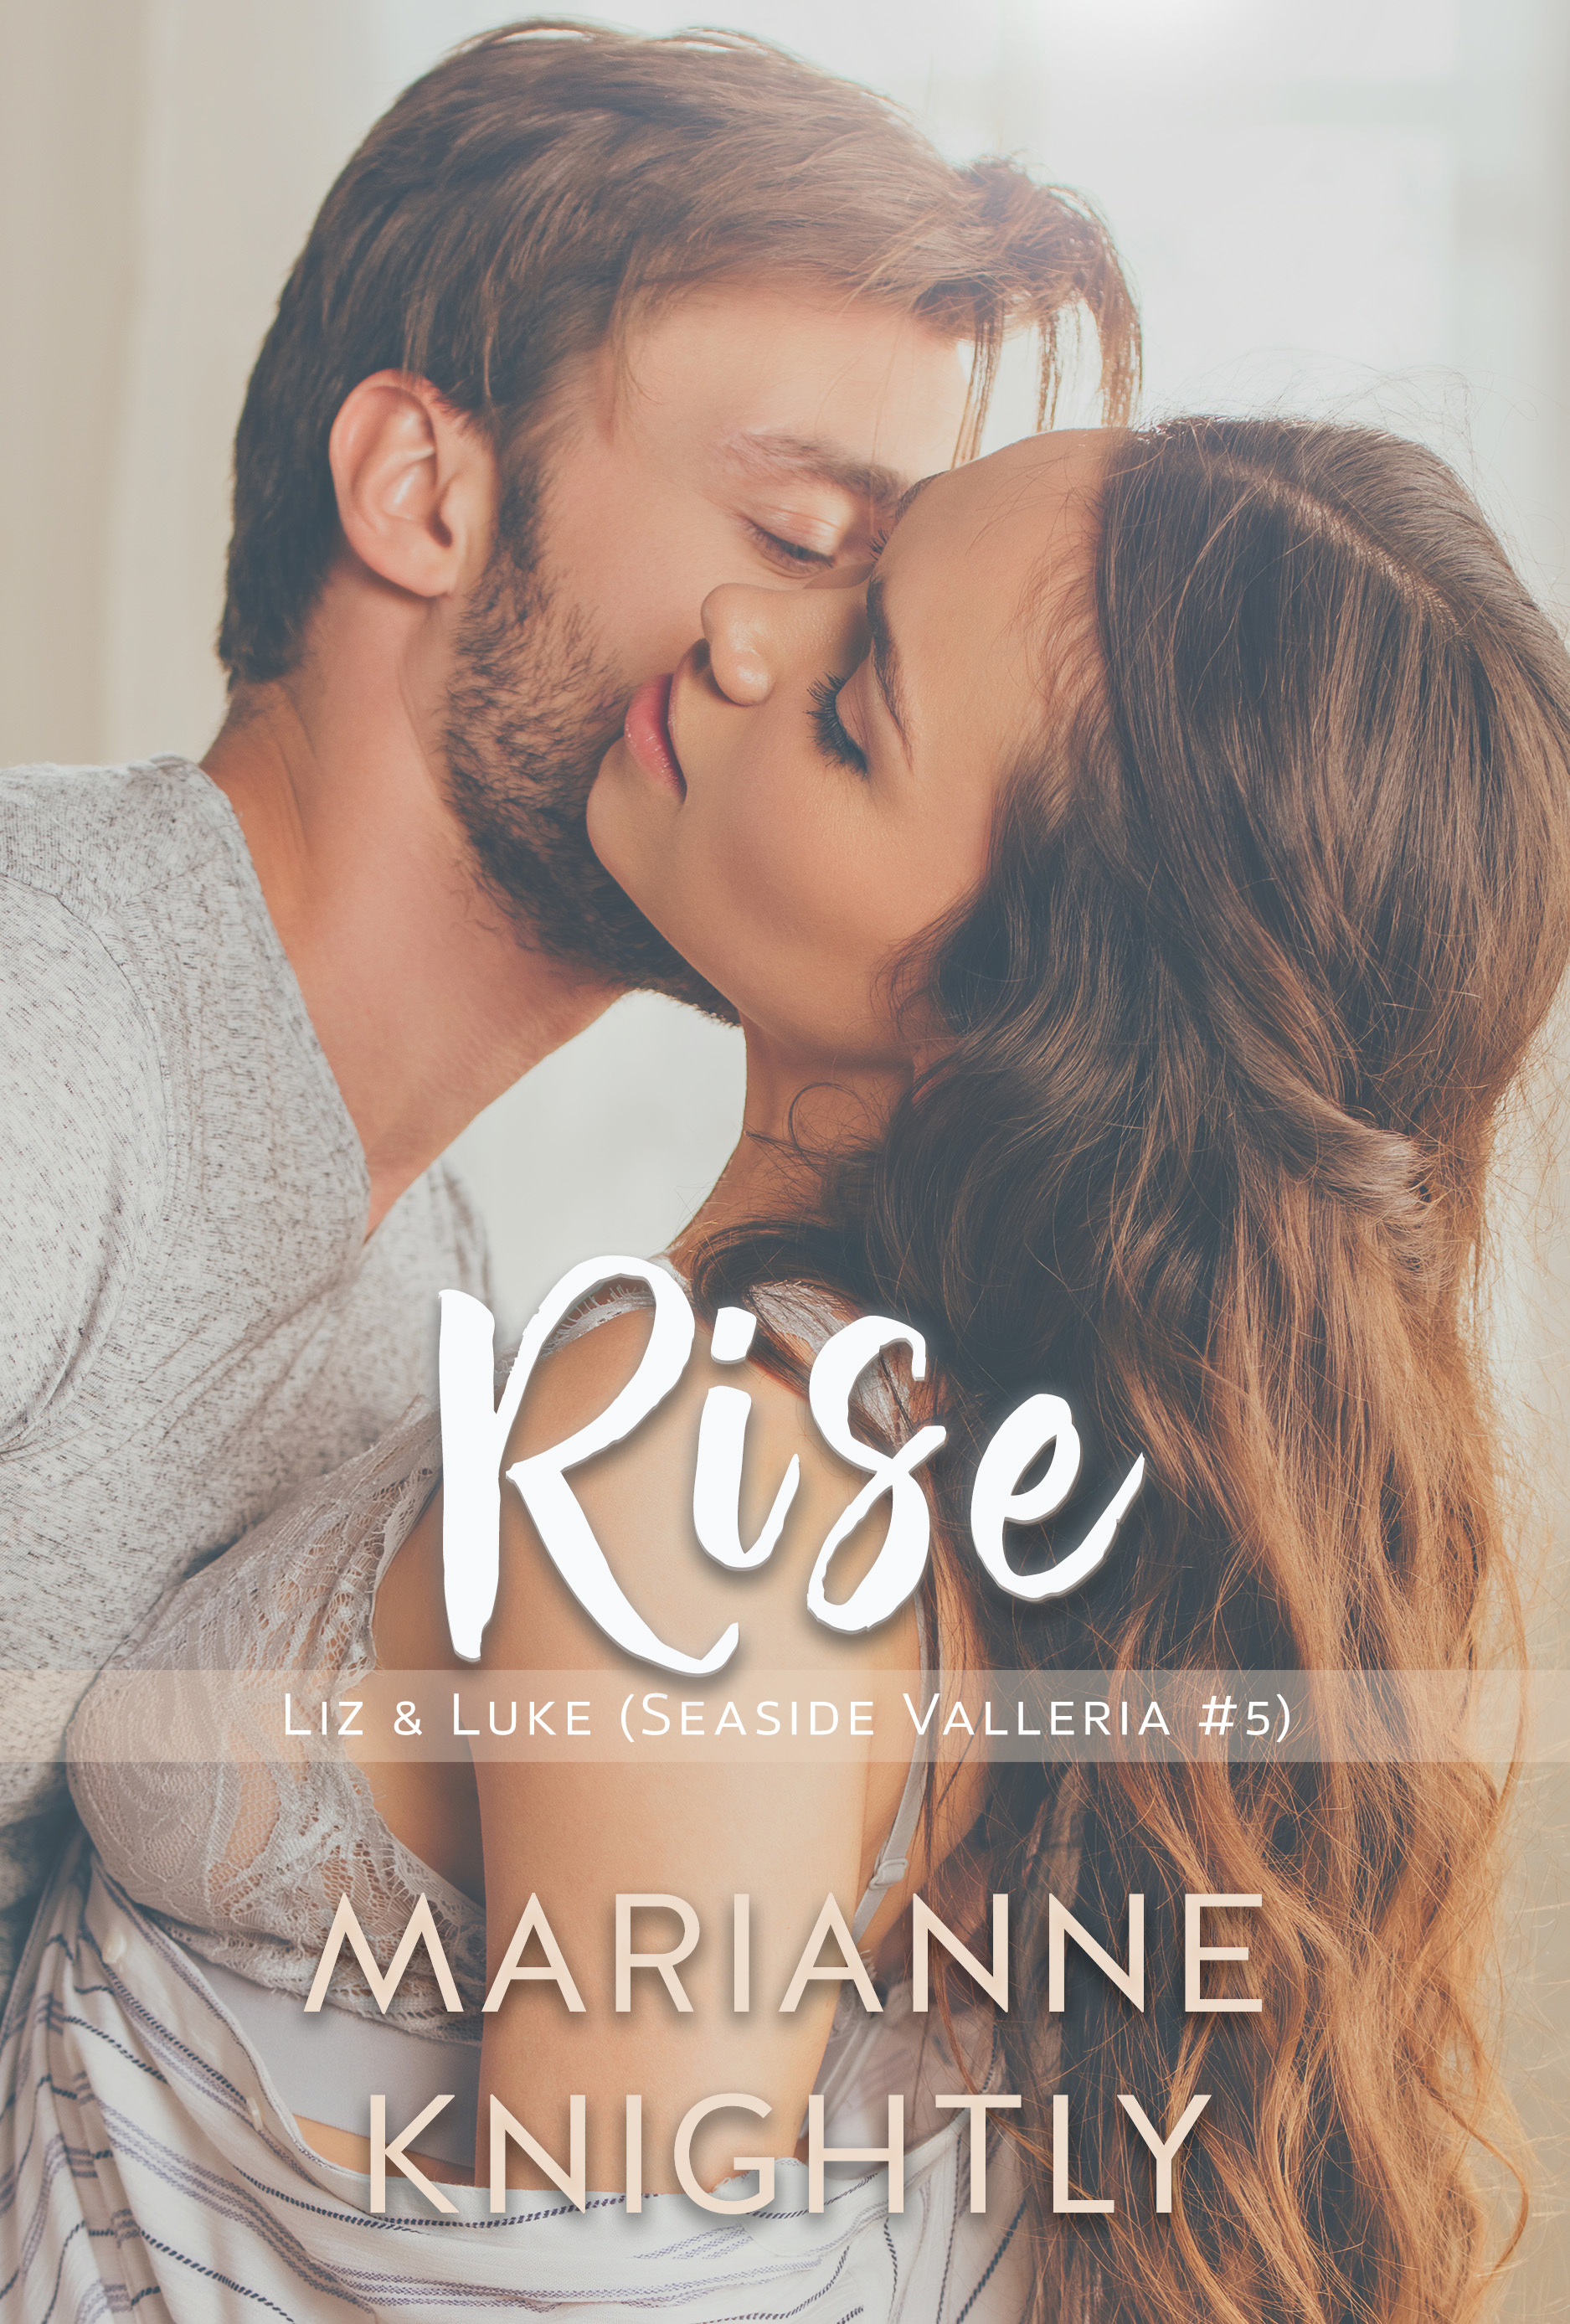 Rise (Liz & Luke) (Seaside Valleria 5) by Marianne Knightly